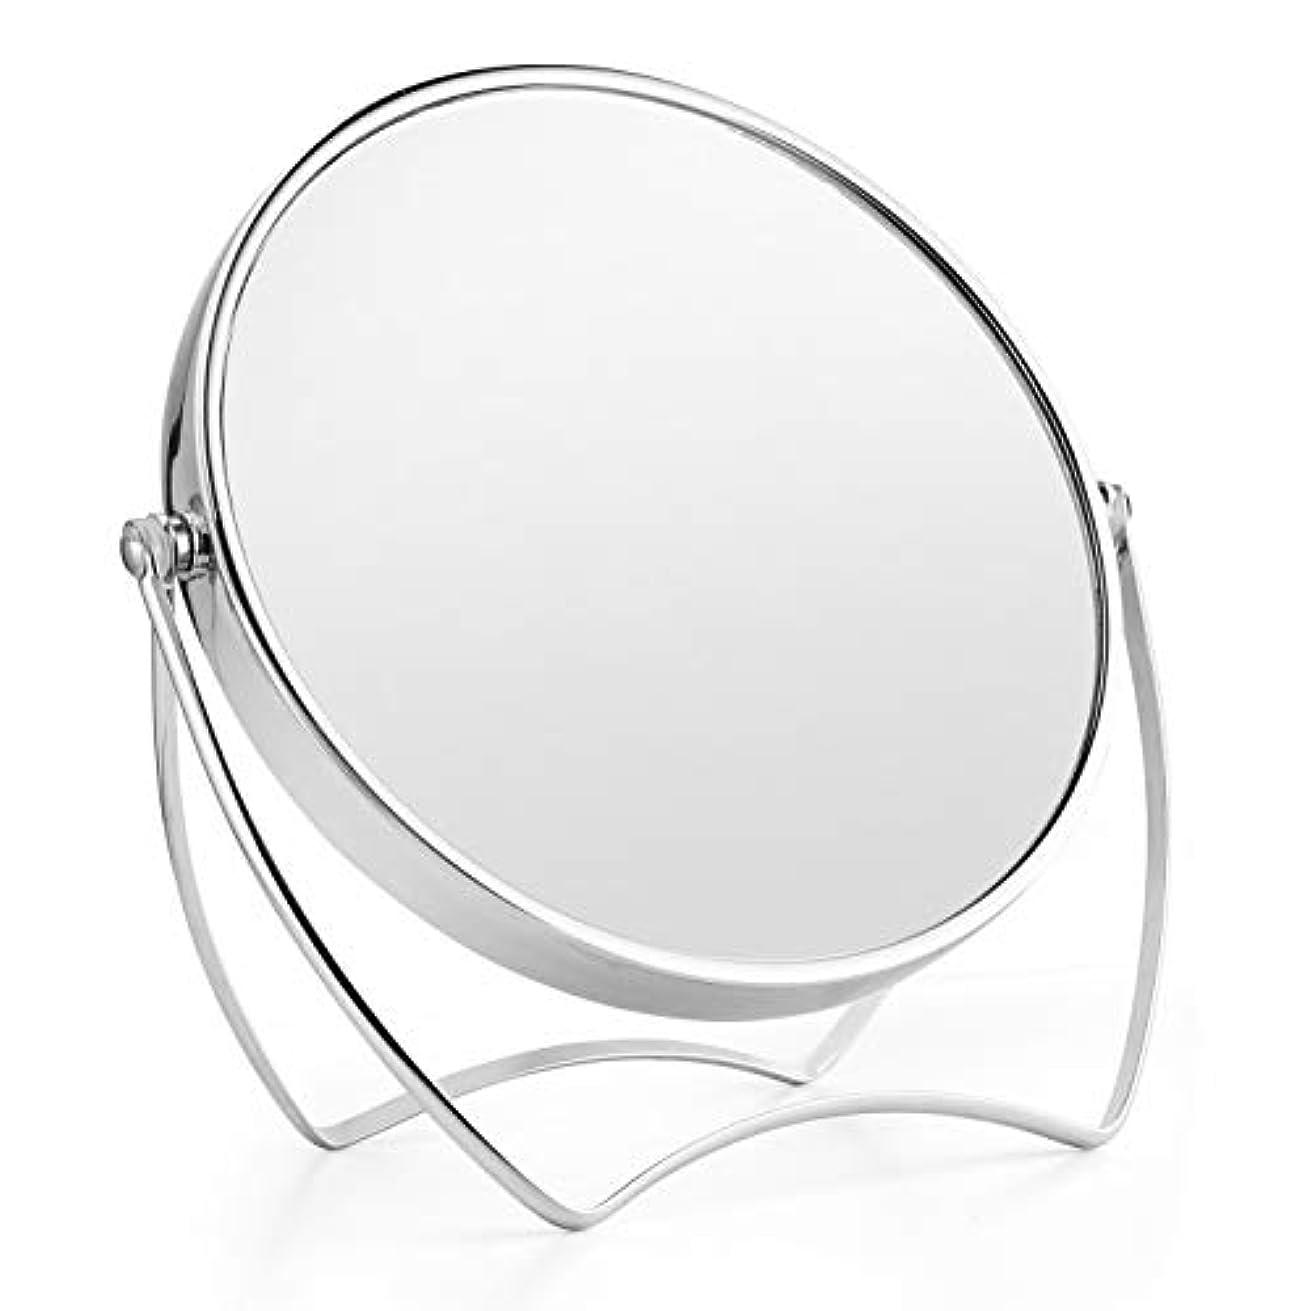 インタフェーステロ捕虜卓上ミラー 化粧鏡 1倍/5倍拡大鏡 メイクミラー 両面化粧鏡 ラウンドミラー 女優ミラー スタンドミラー 卓上鏡 360°回転ブラケット メタルフレームバニティミラー 寝室や浴室に適しています(15cm)